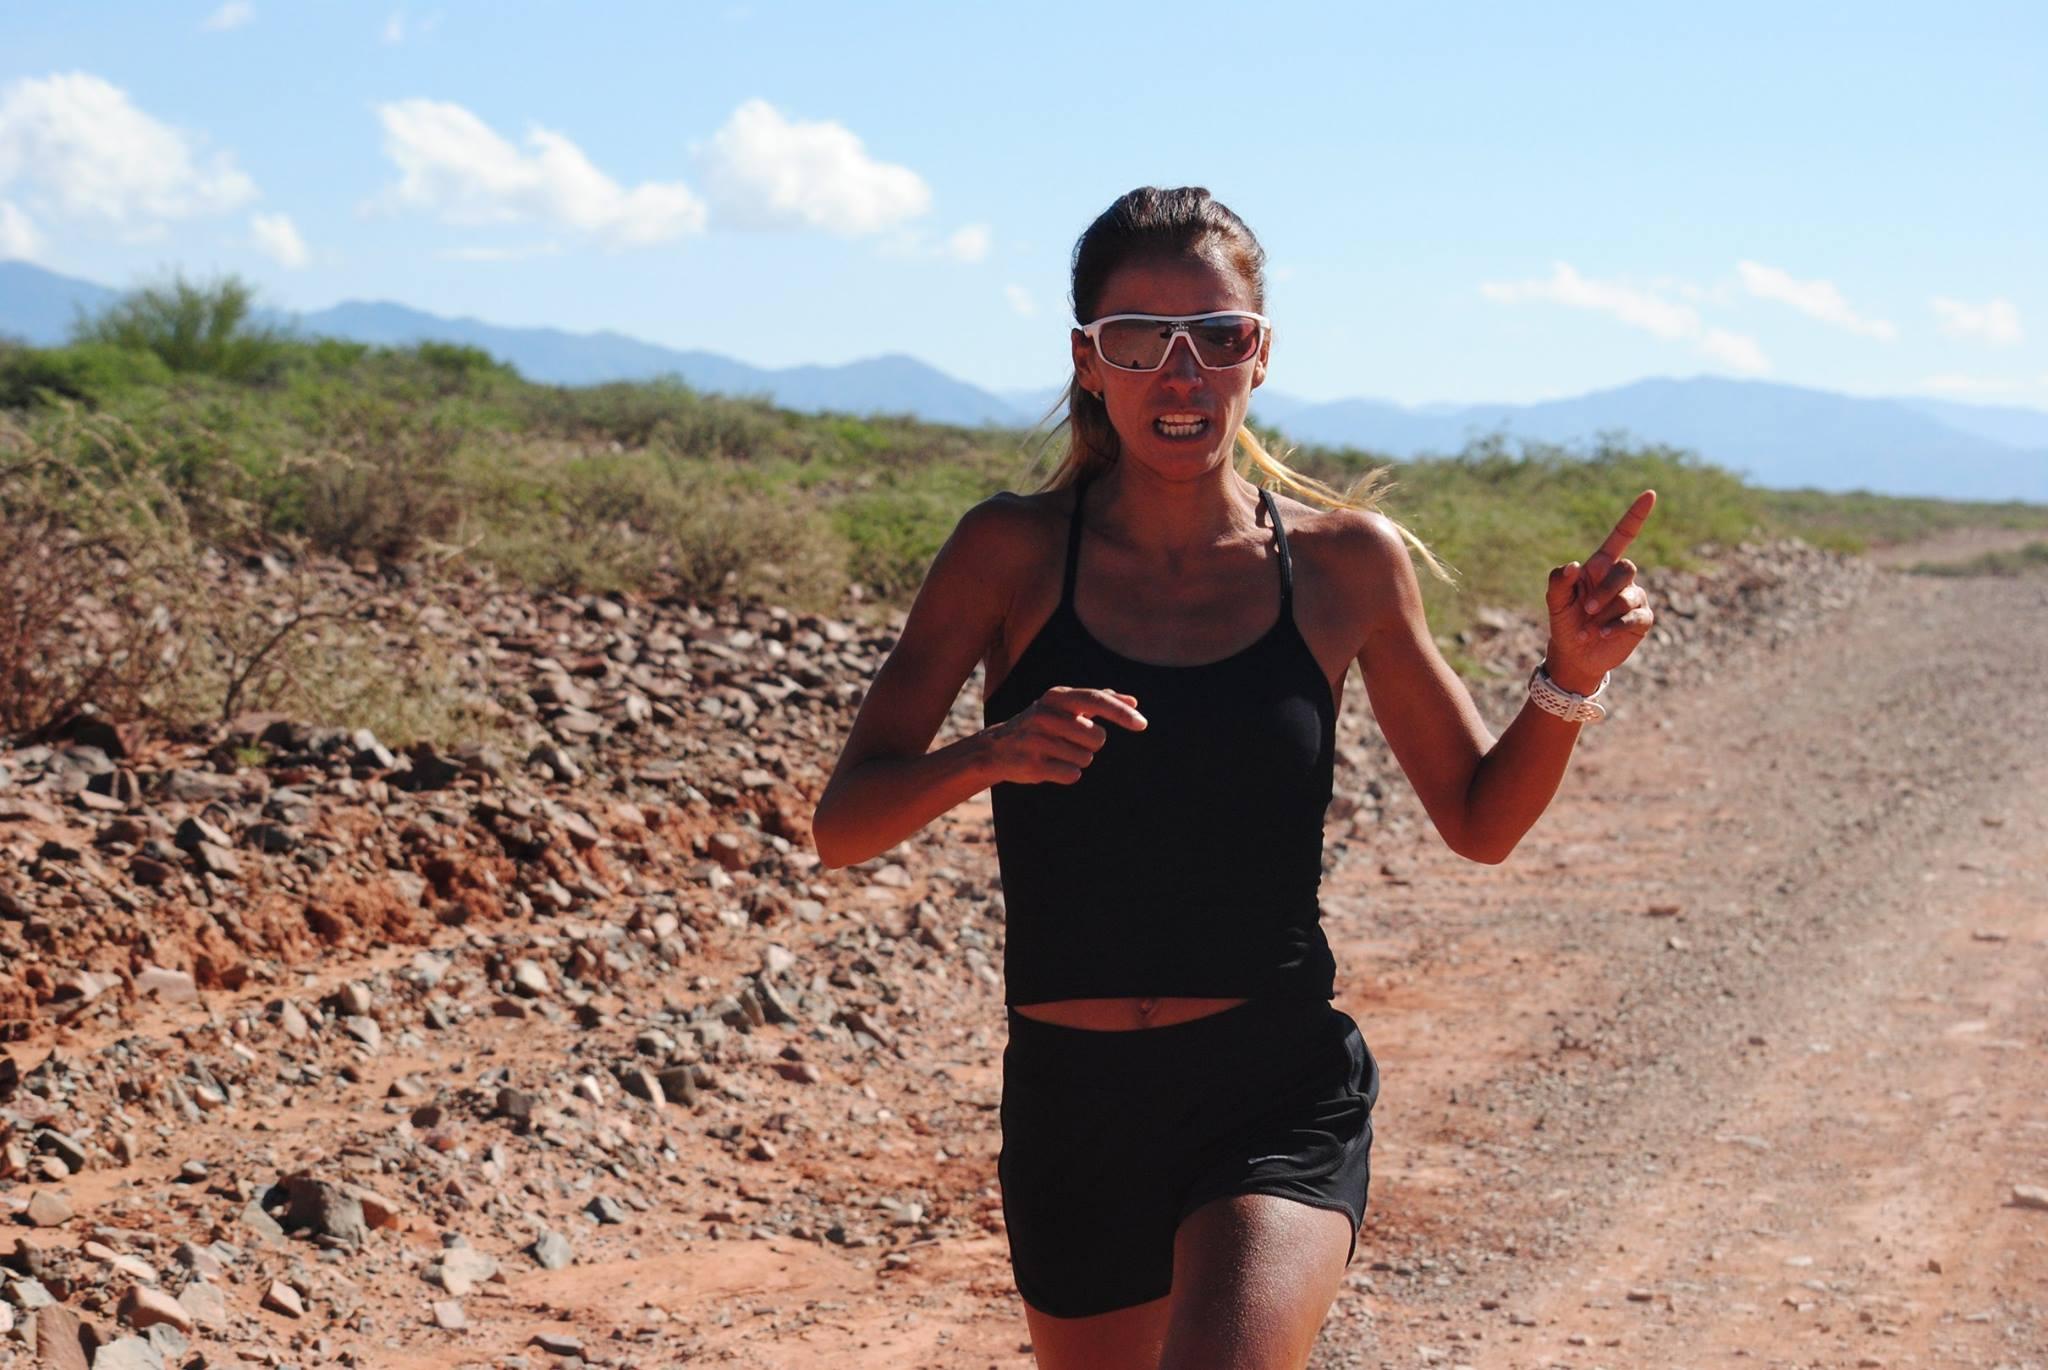 MArita Peralta Rio 2016 Entrevista Locos Por Correr 01